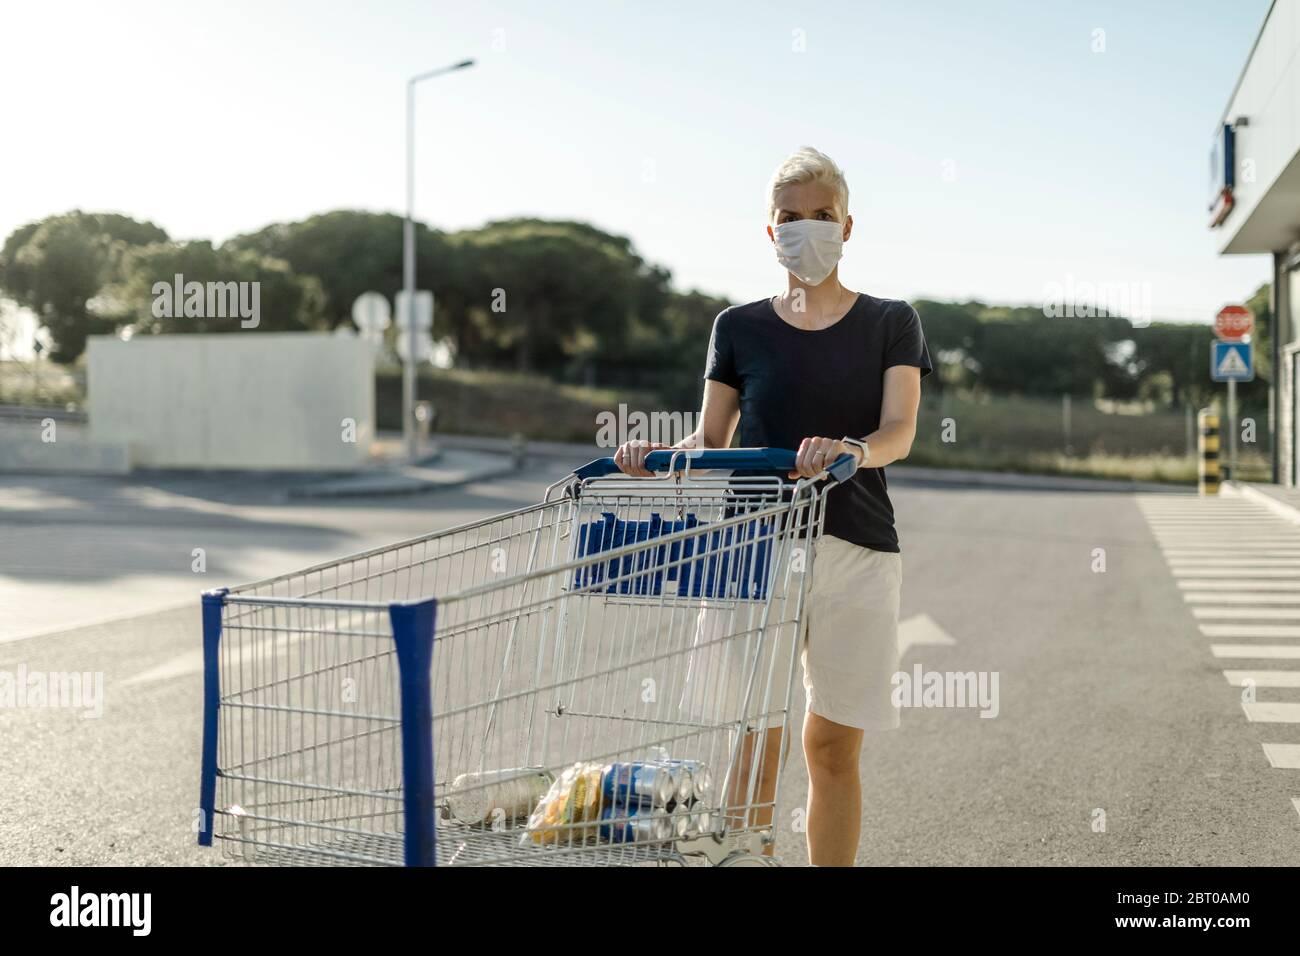 Frau mit schützender Gesichtsmaske mit Warenkorb vor dem Supermarkt Stockfoto